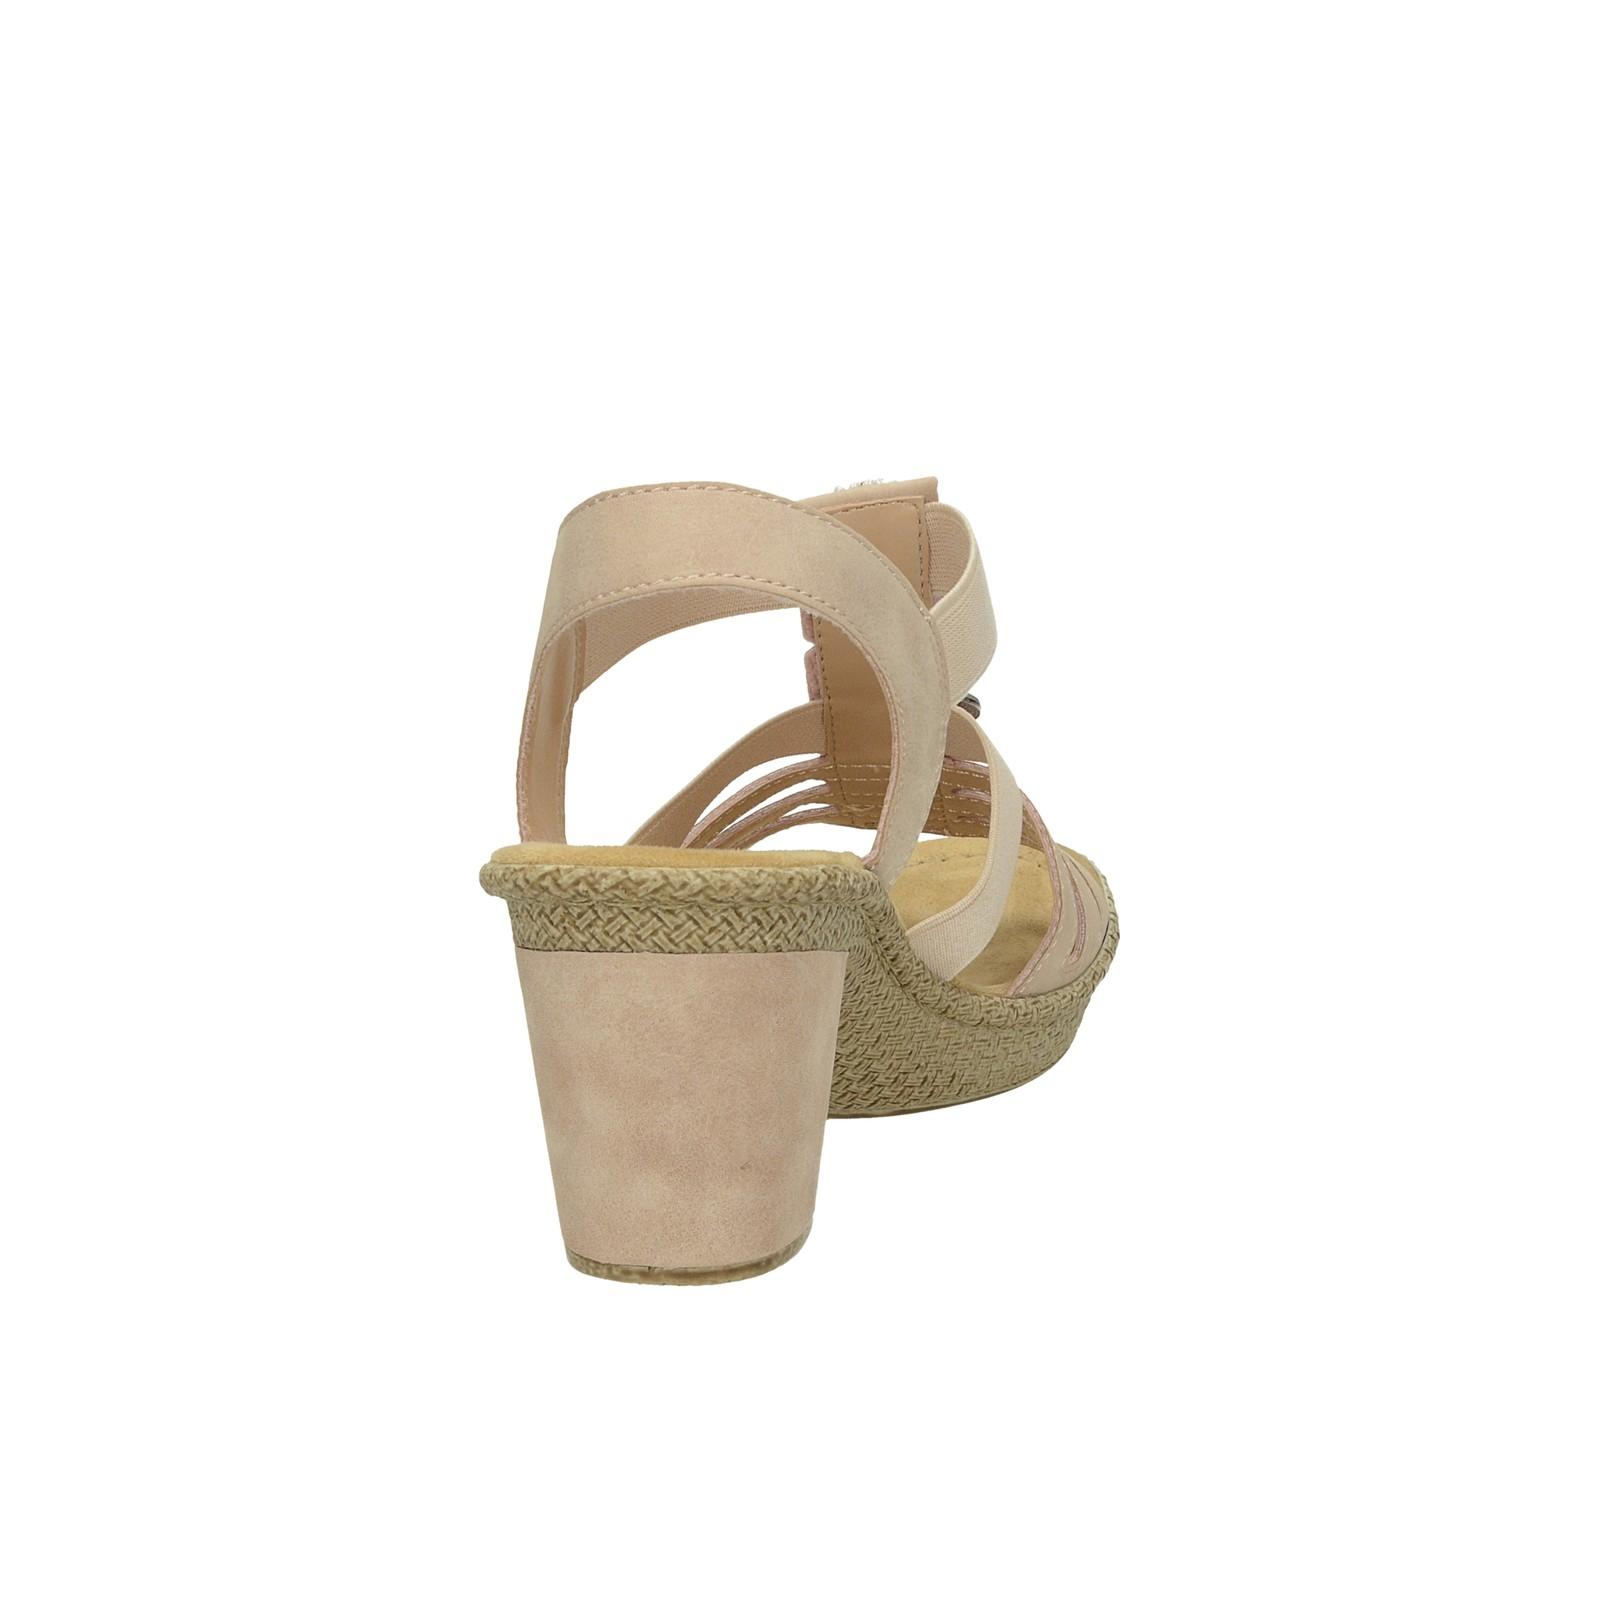 fafe8681cce9 ... Rieker dámske štýlové sandále s ozdobnými prvkami - ružové ...